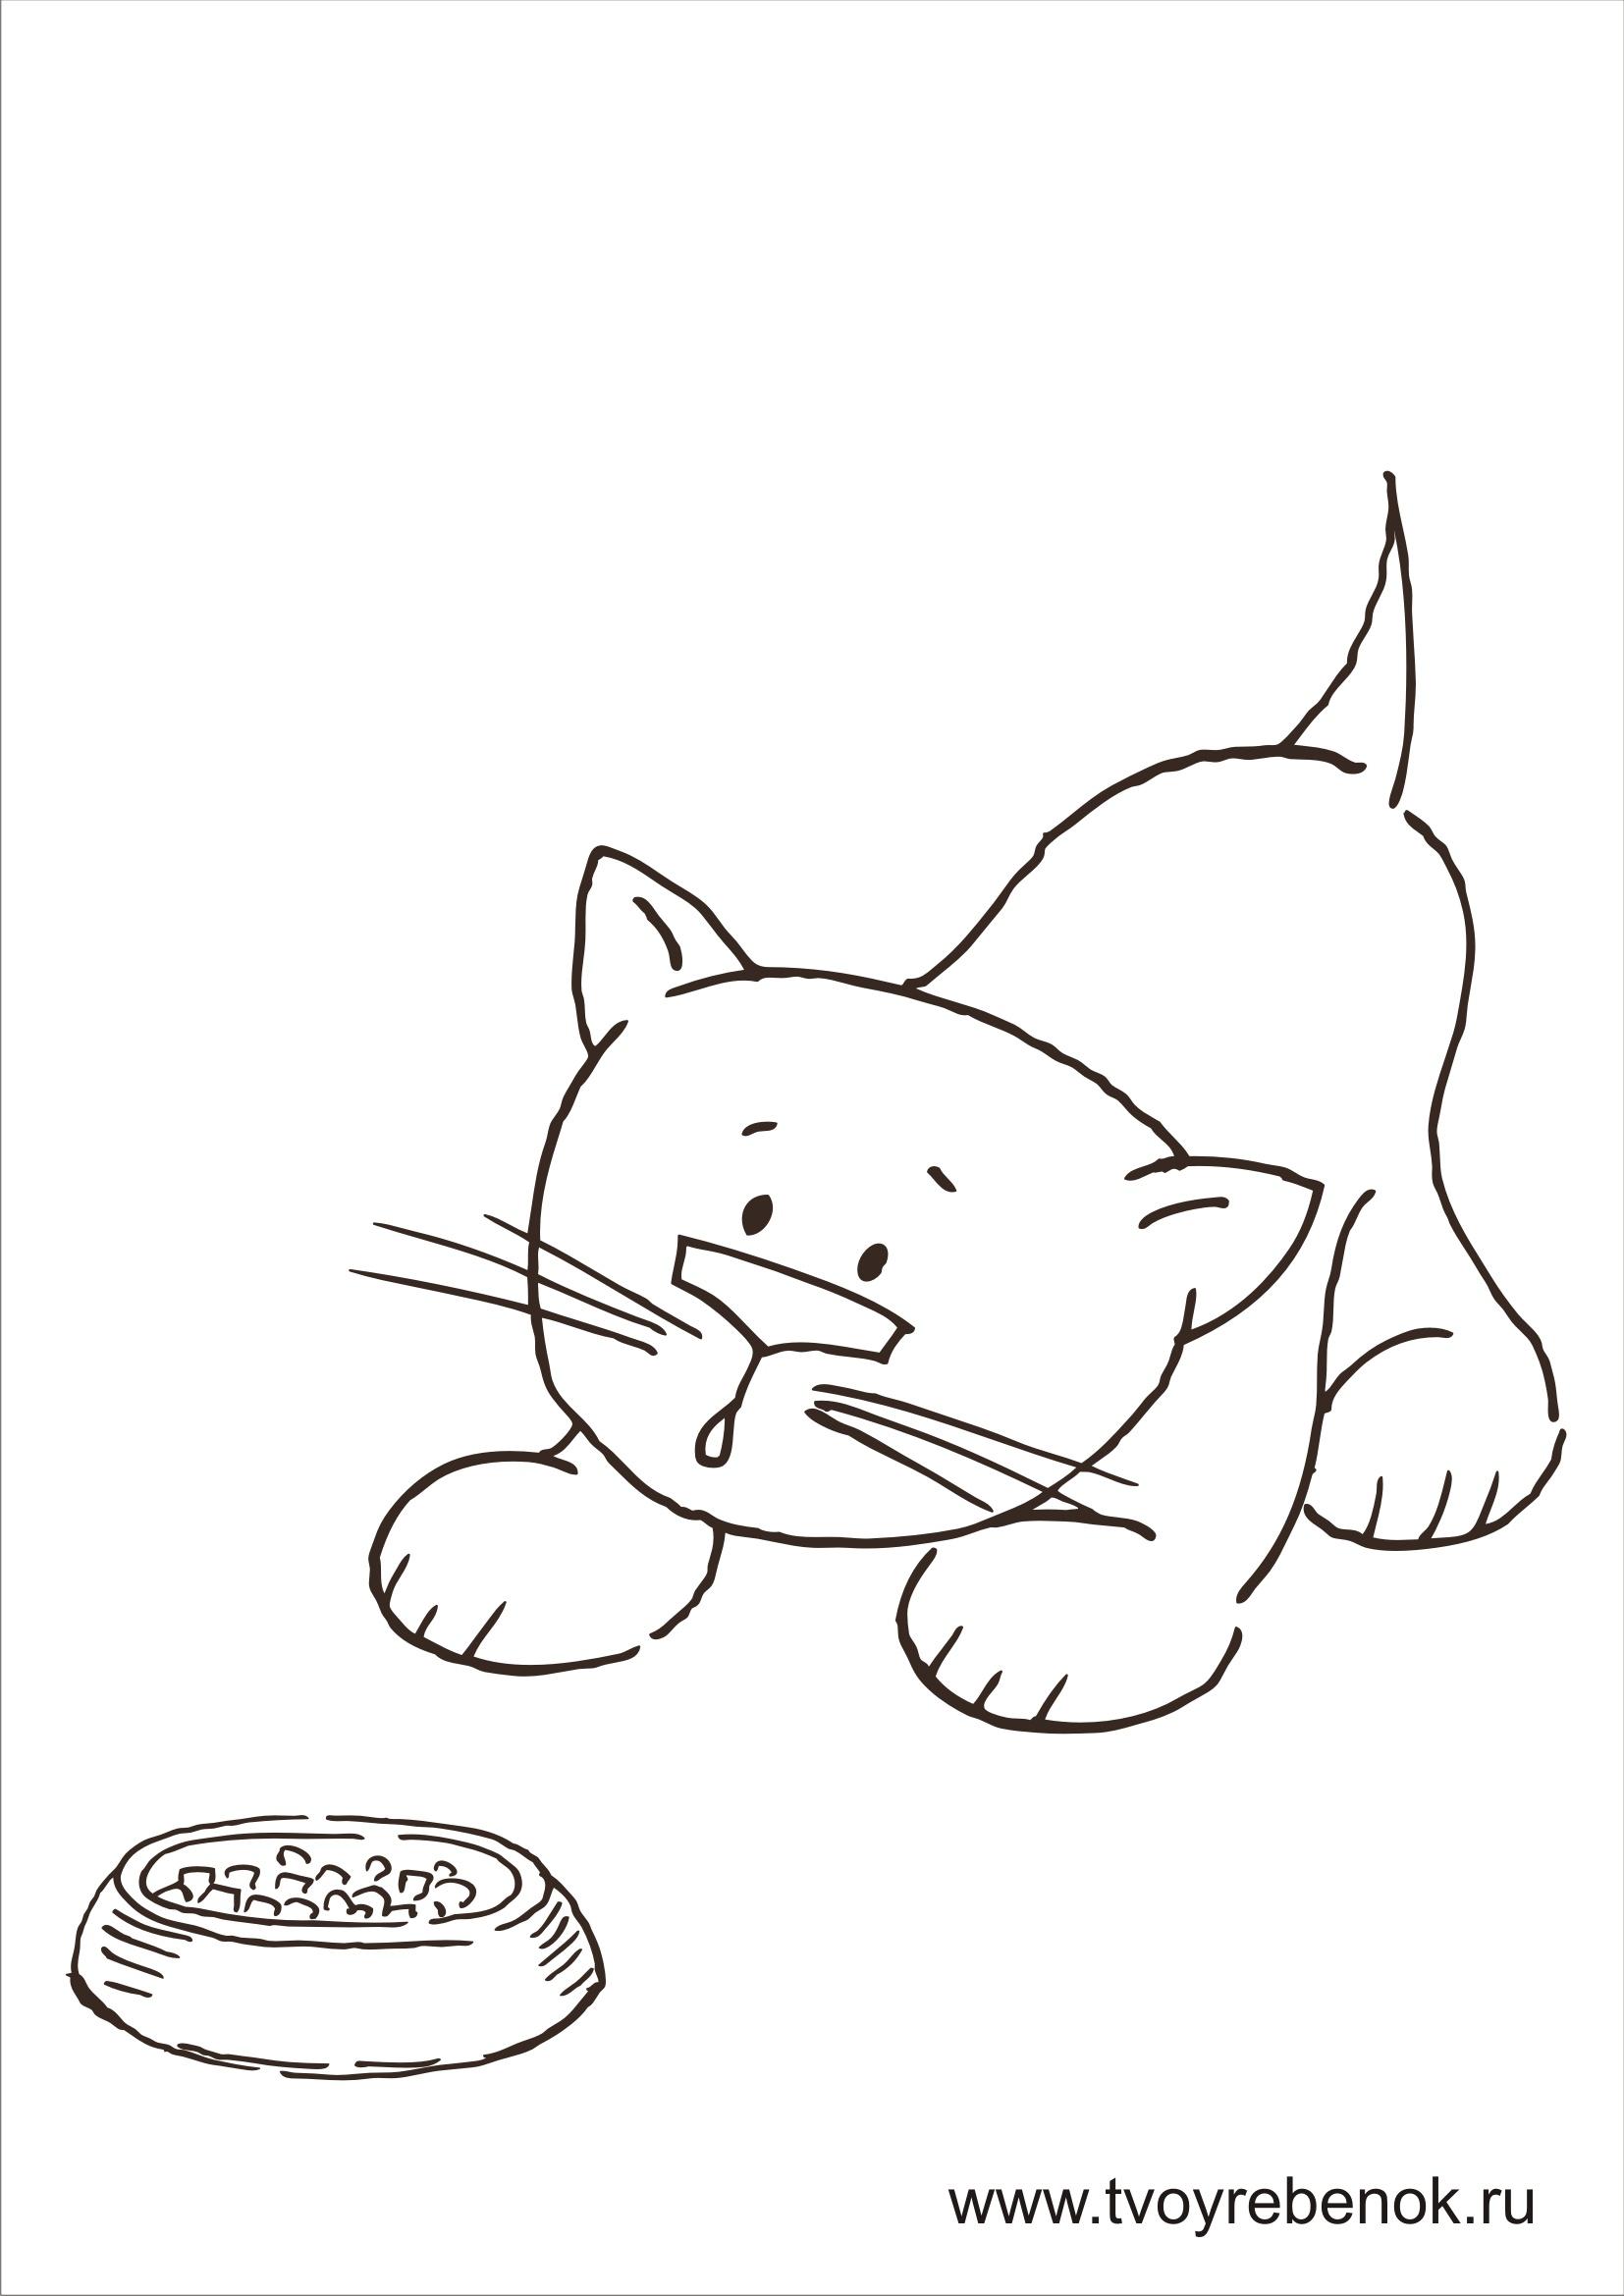 Смотреть раскраски кошки